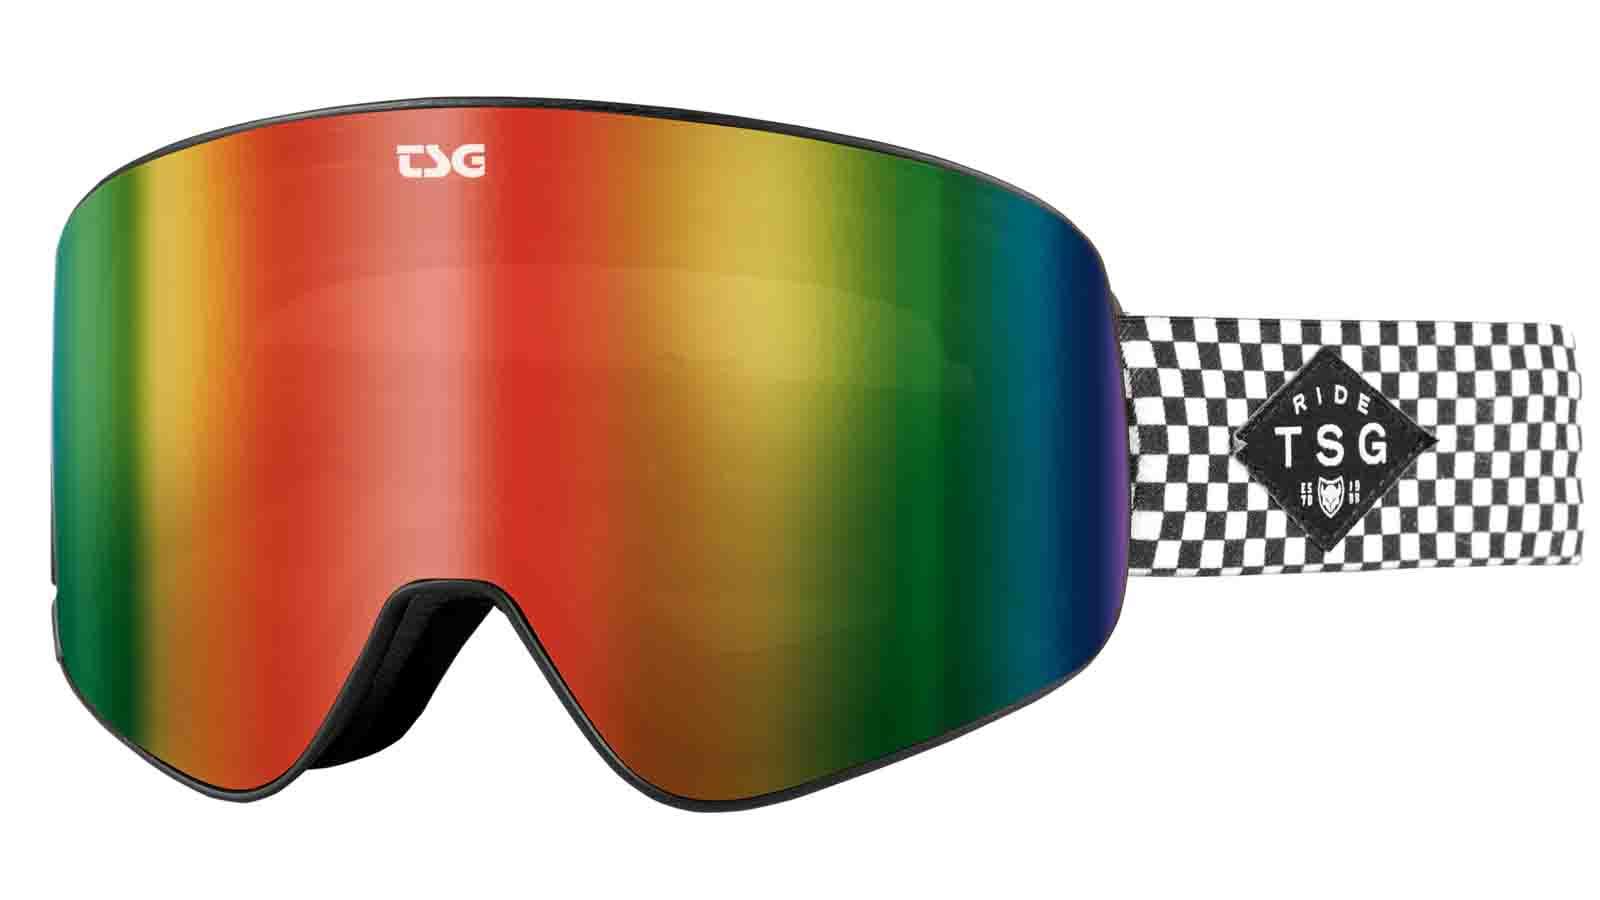 TSG 21/22 Goggles